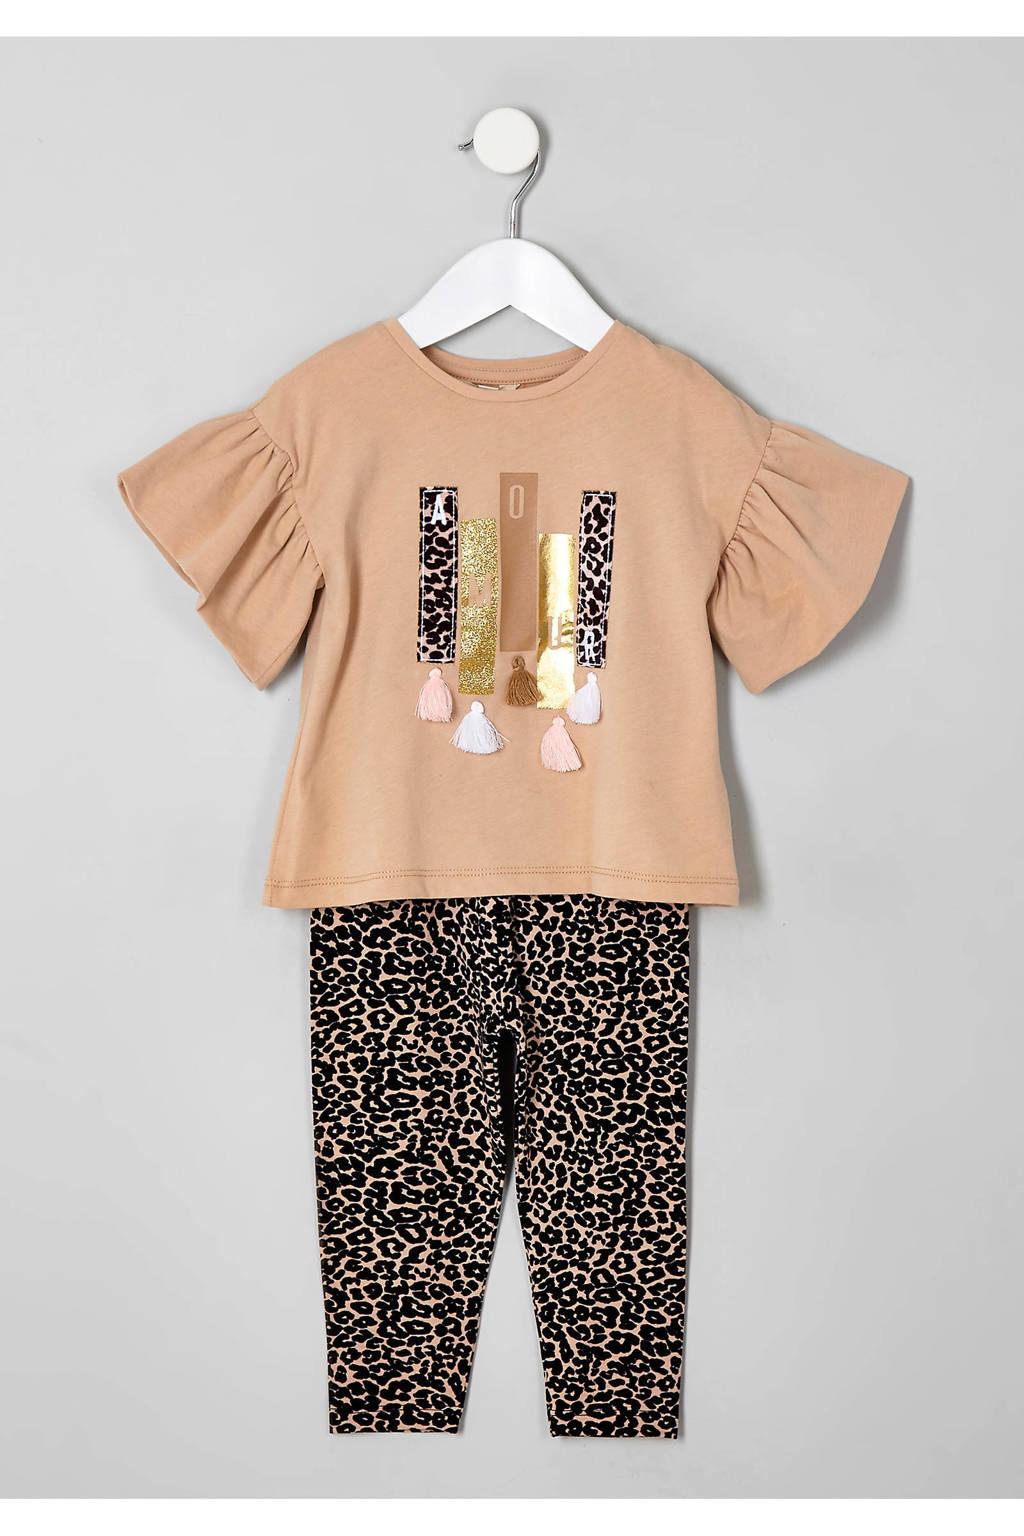 River Island T-shirt + broek met panterprint, Beige/bruin